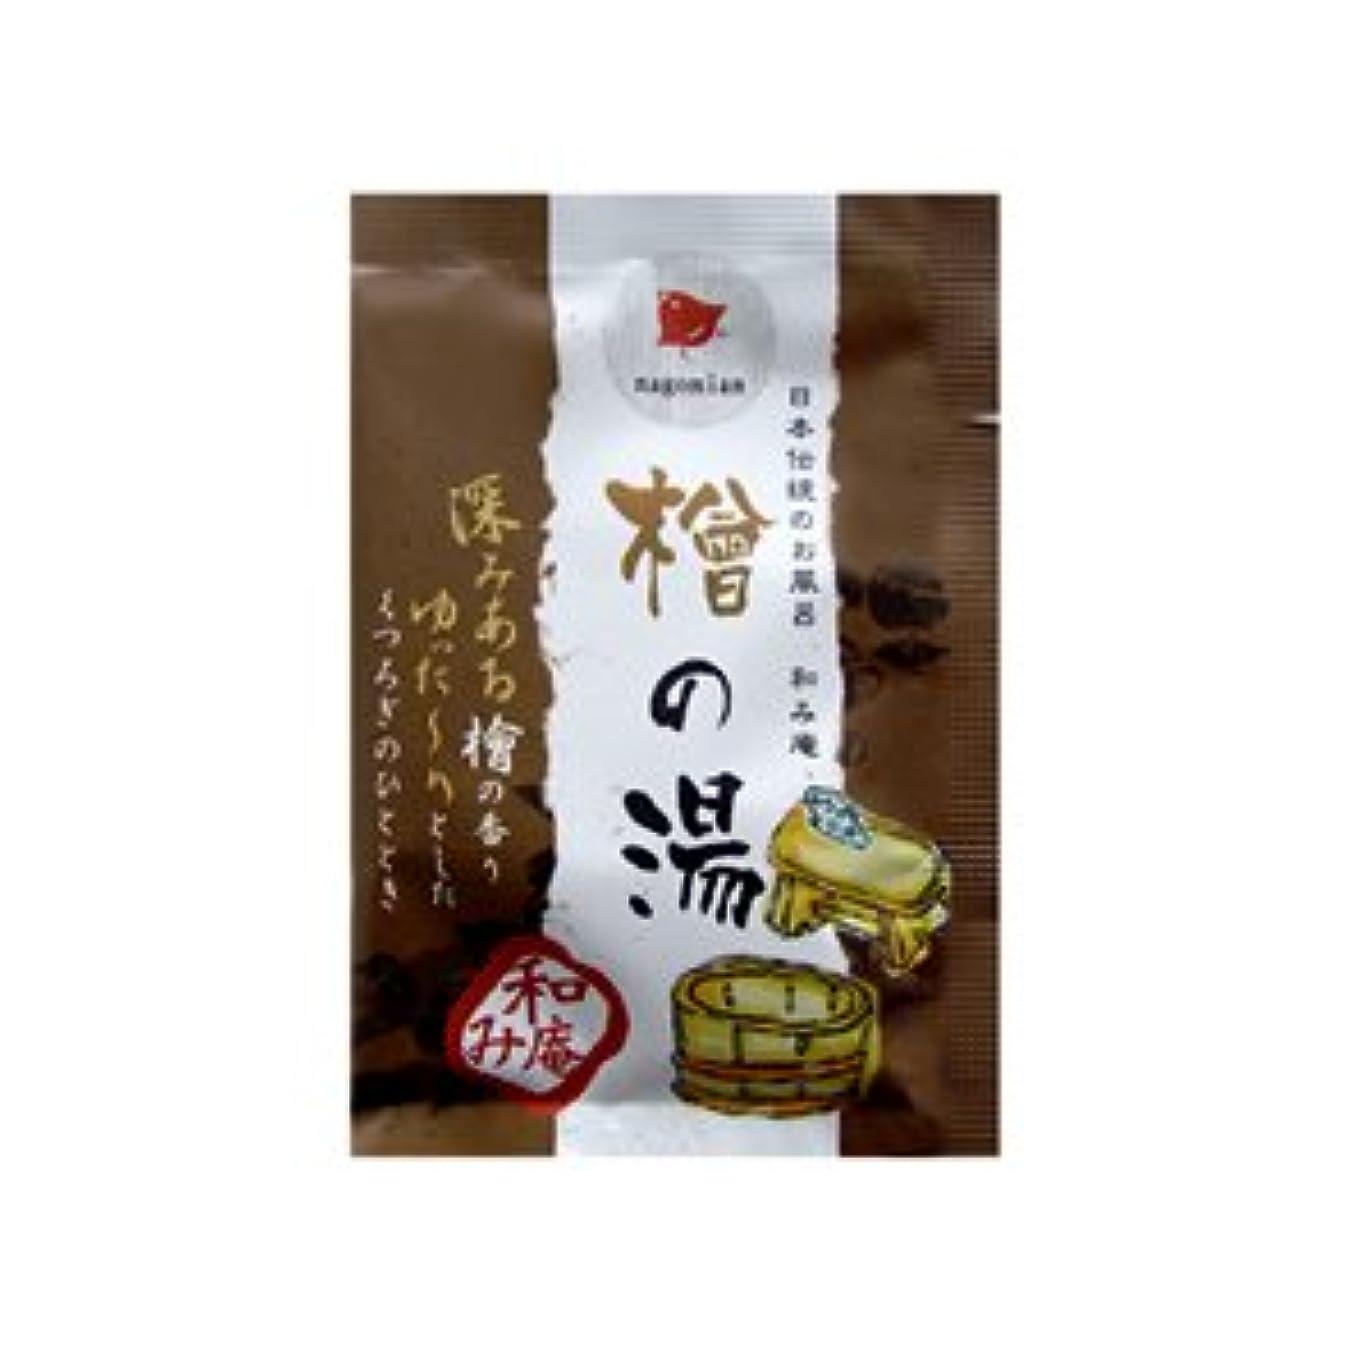 緯度既にタヒチ日本伝統のお風呂 和み庵 檜の湯 25g 5個セット